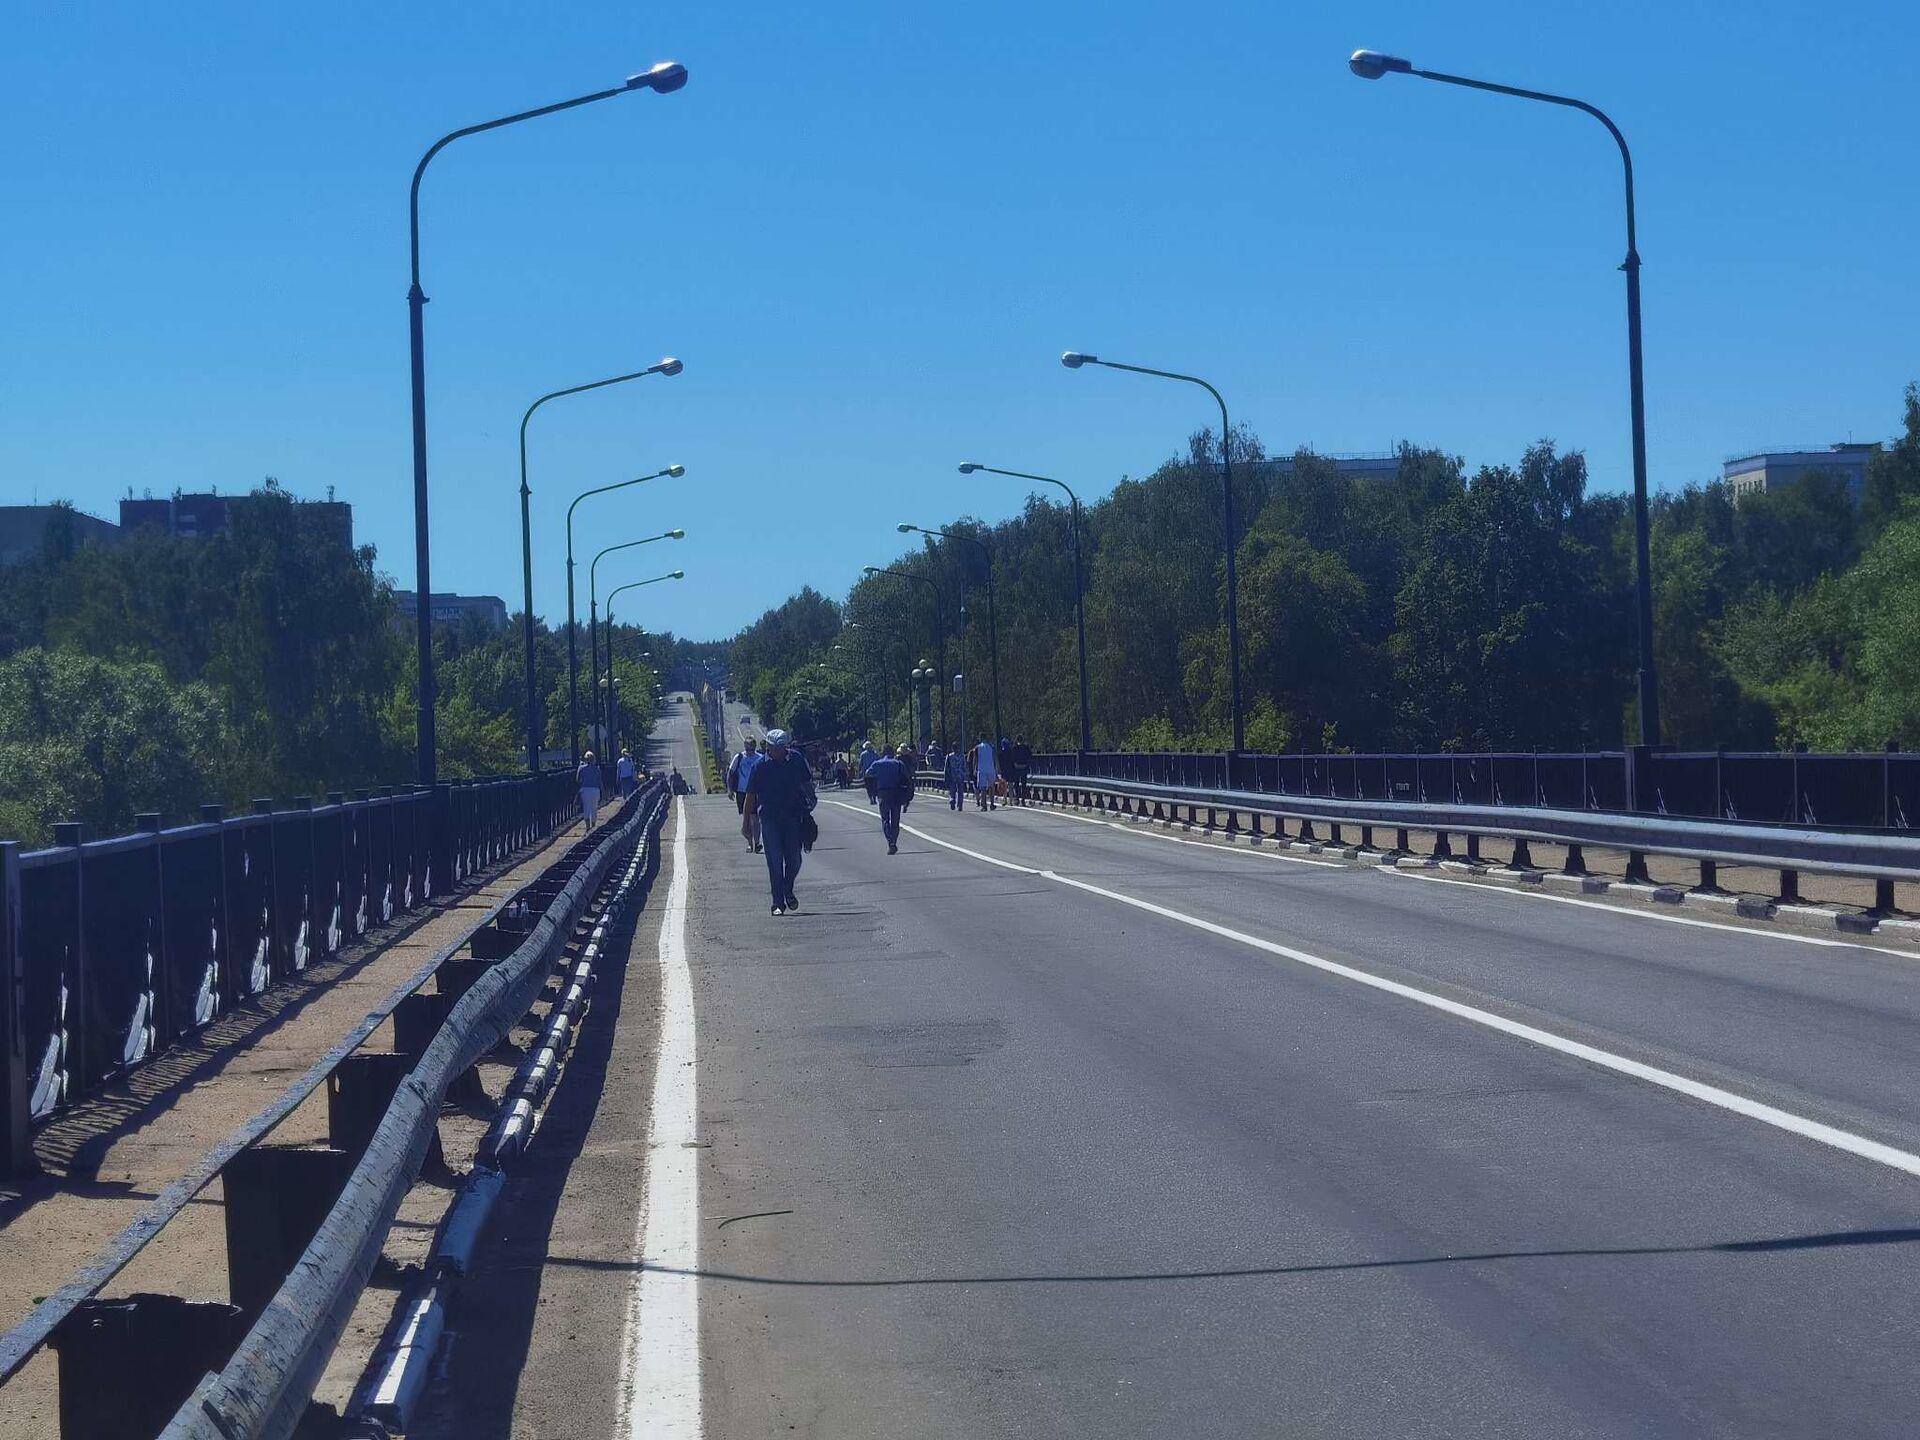 Пока новополоцкий мост предоставлен пешеходам, но это временно - Sputnik Беларусь, 1920, 29.06.2021